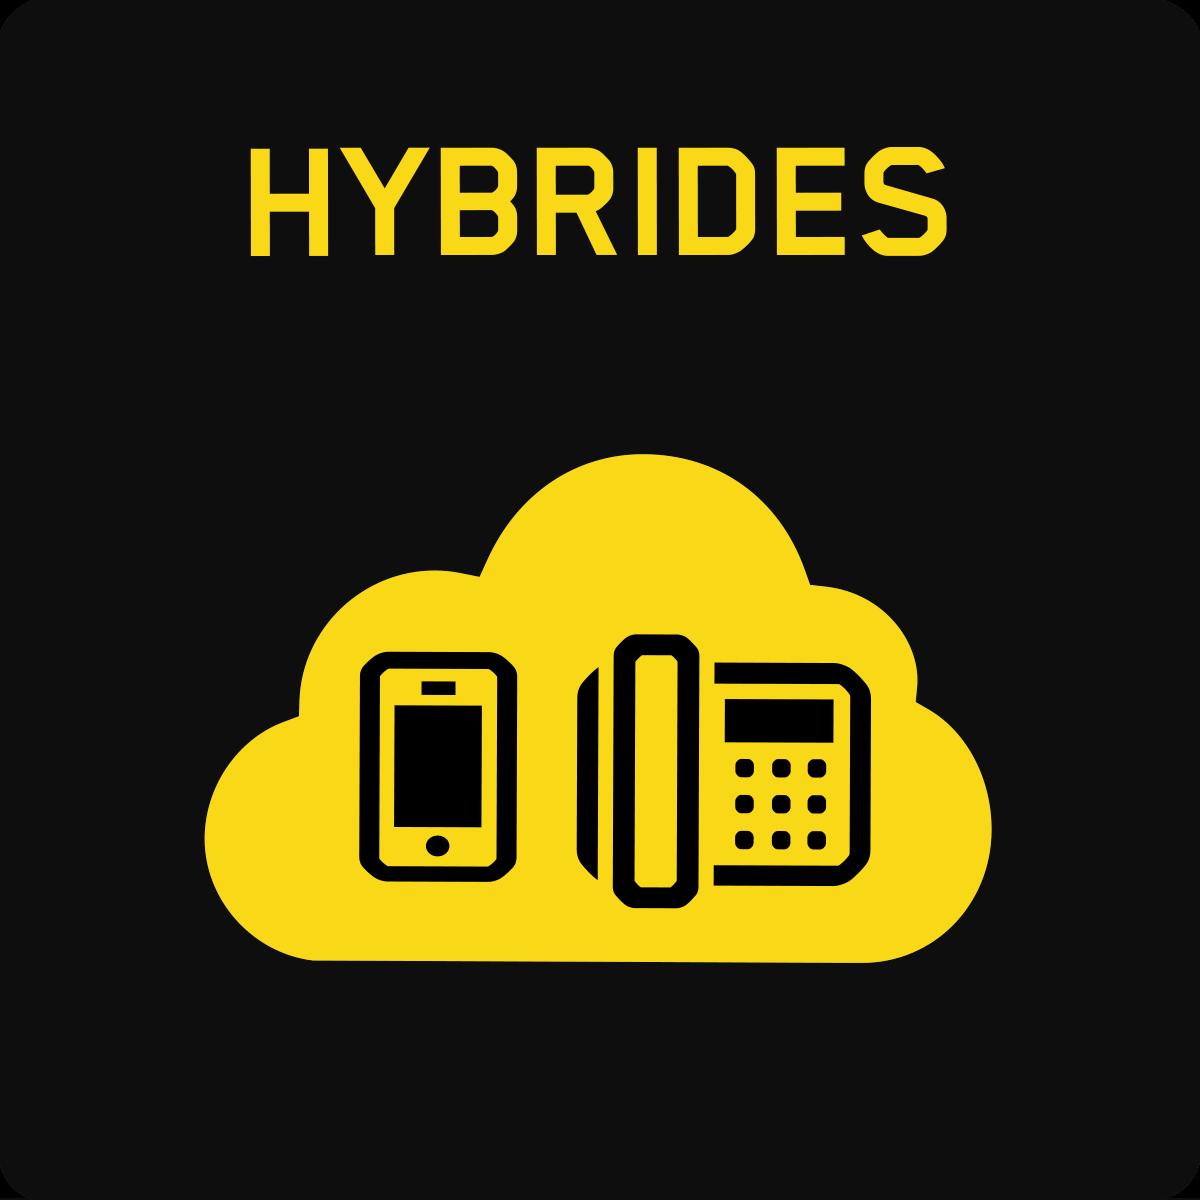 Communications en nuage hybrides